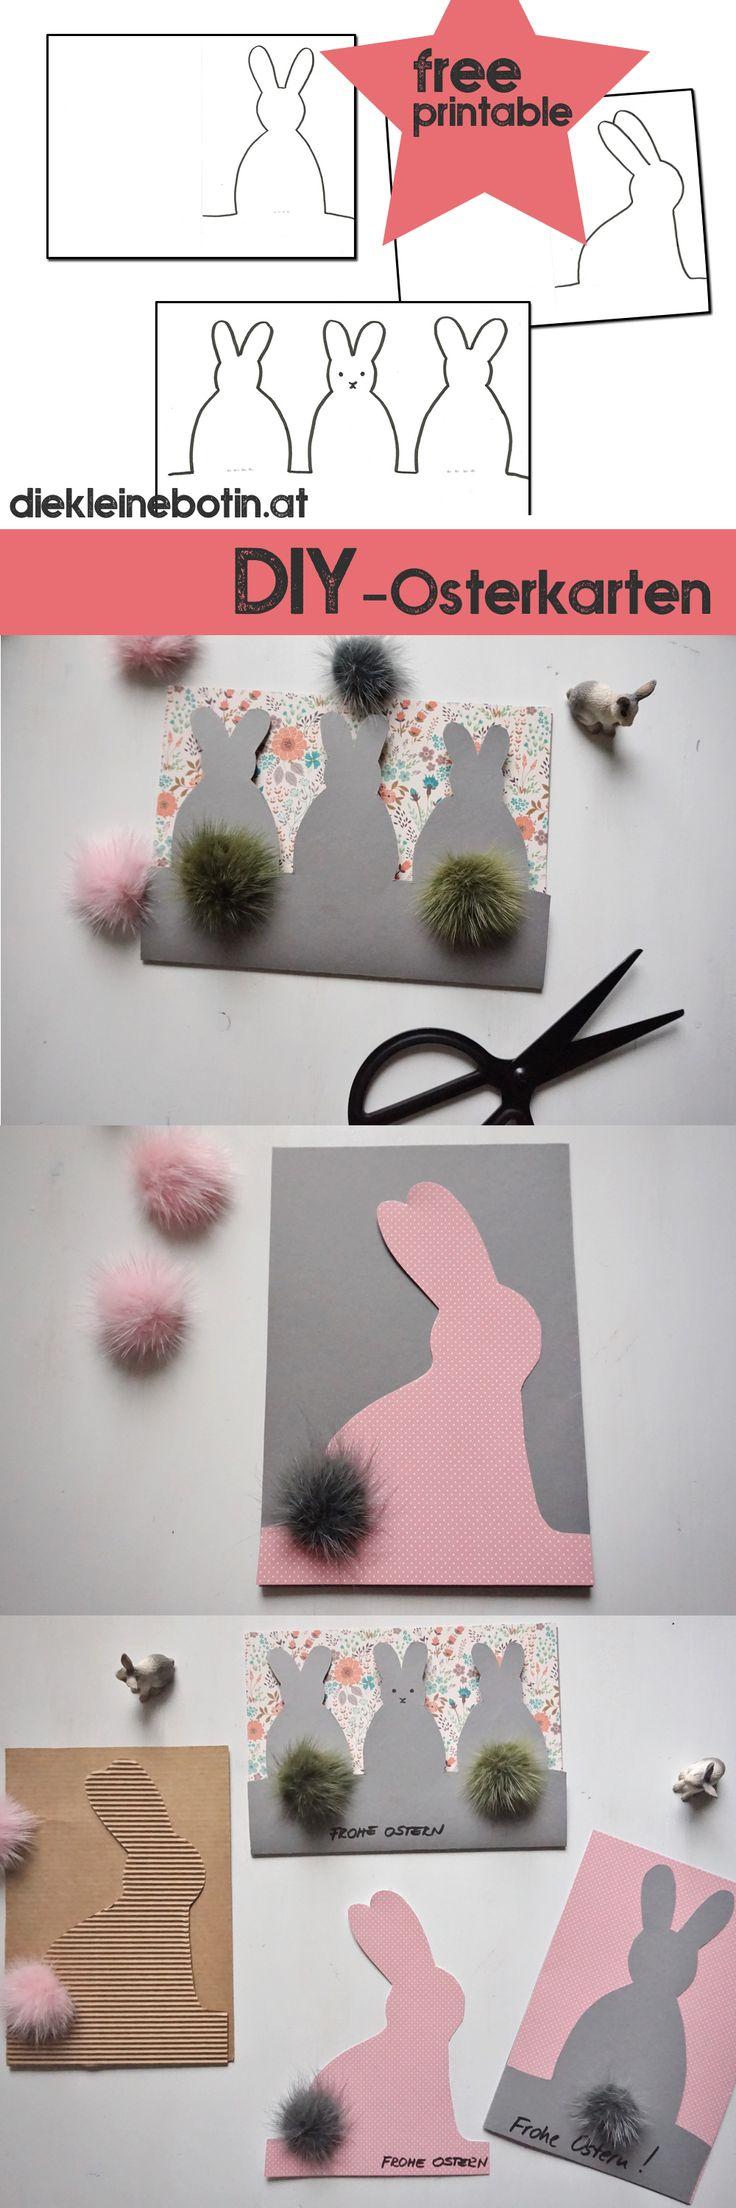 free printable  - ganz besondere Oster Karten selber machen. Einfach ausdrucken und ausschneiden. Einfache und nette Geschenksidee mit POMPOM aus Fell oder Wolle! DIY Easter Card, free printable.